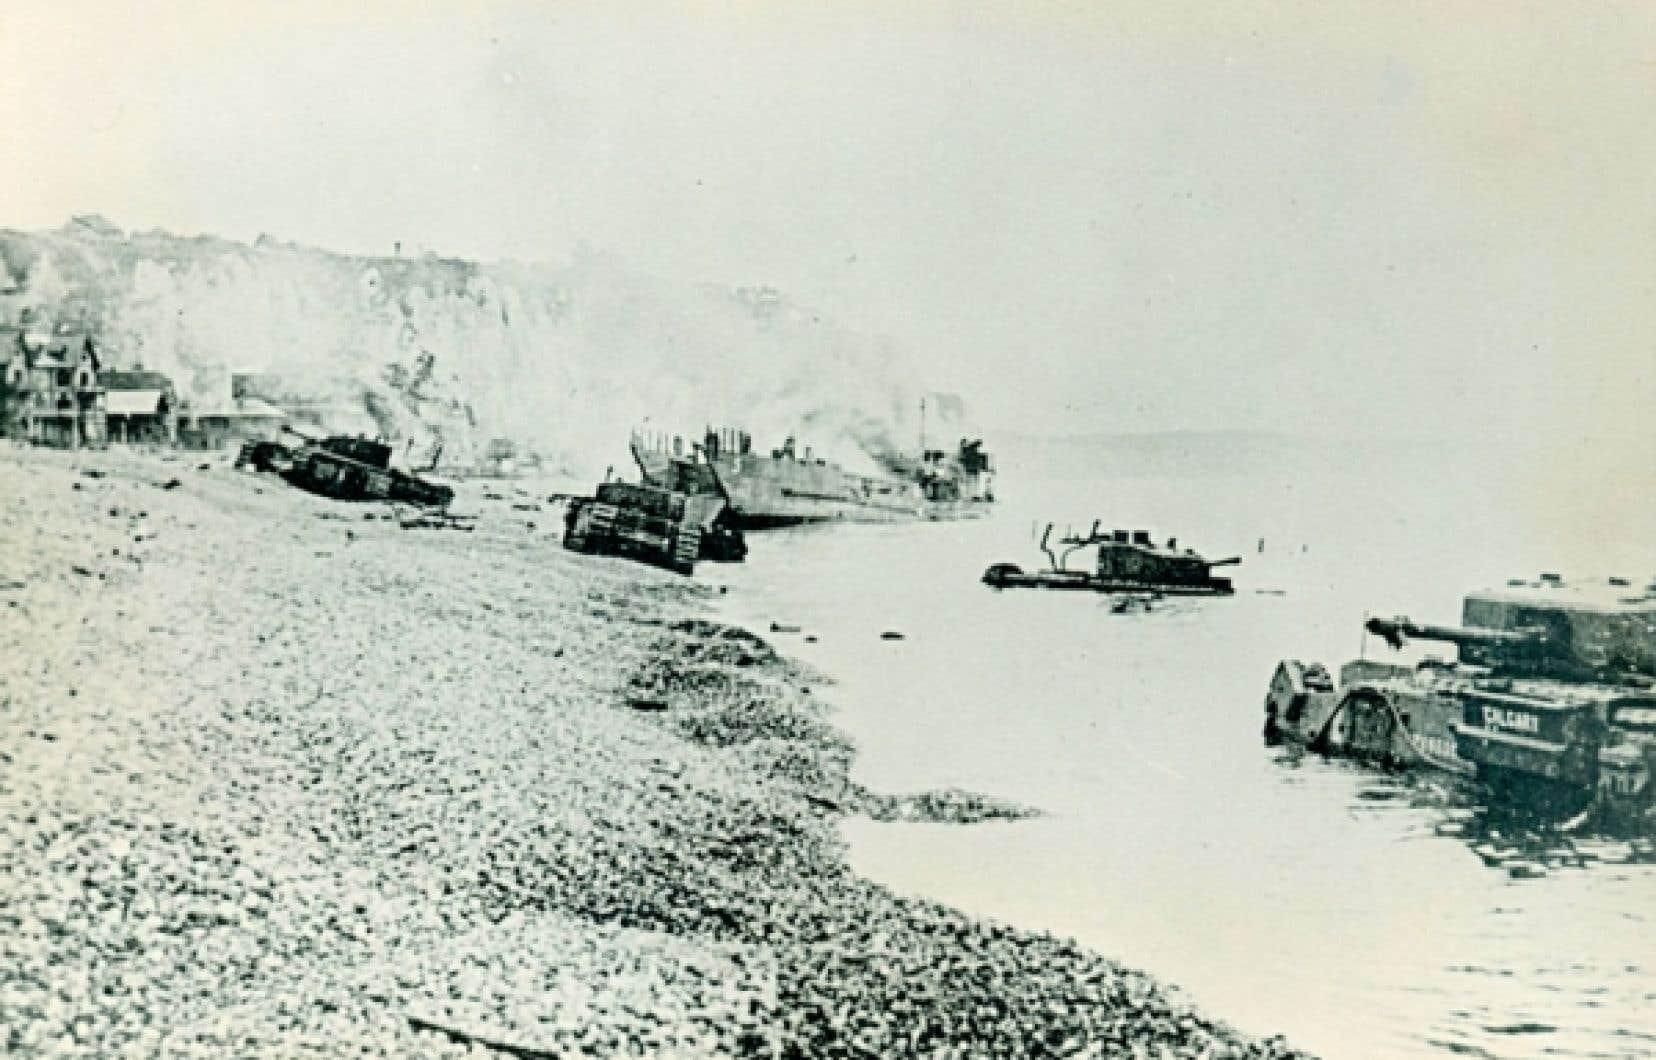 <div> Des 30 chars utilisés pour le raid, 27 atteignirent le rivage, mais aucun ne put se rendre à la ville.</div>